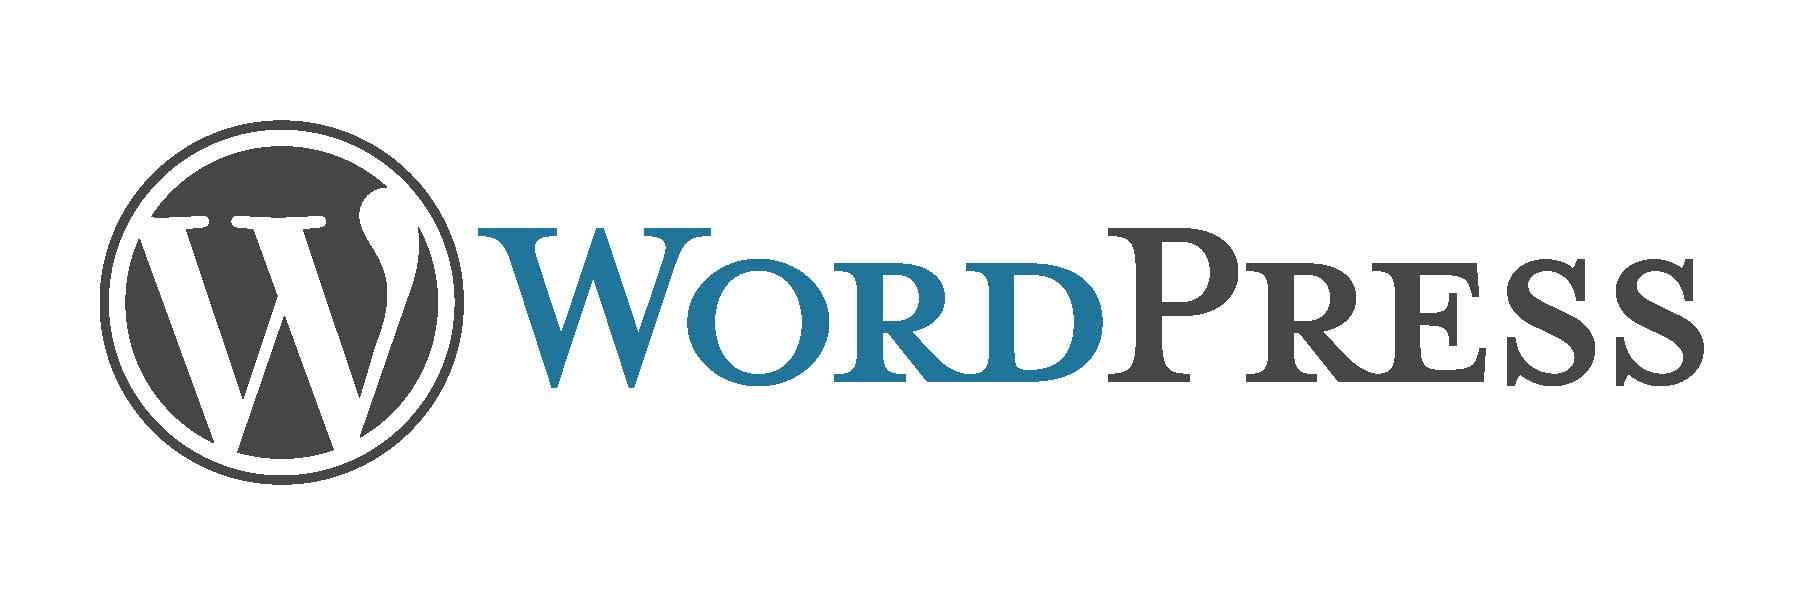 wordpress-logo-1.jpg